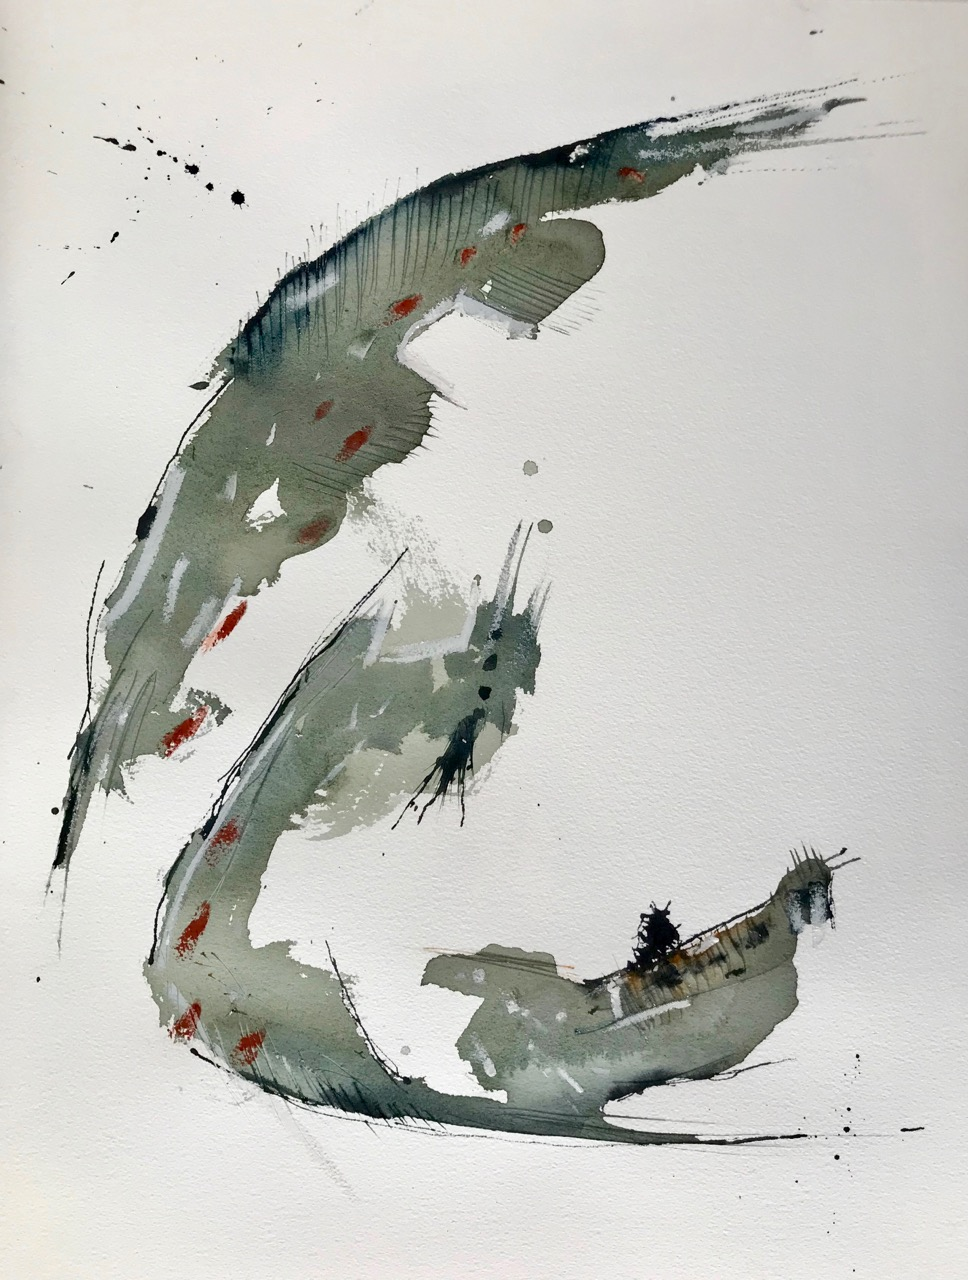 Sepferd, Aquarell und Tusche auf Papier, 46 x 61 cm, 2018